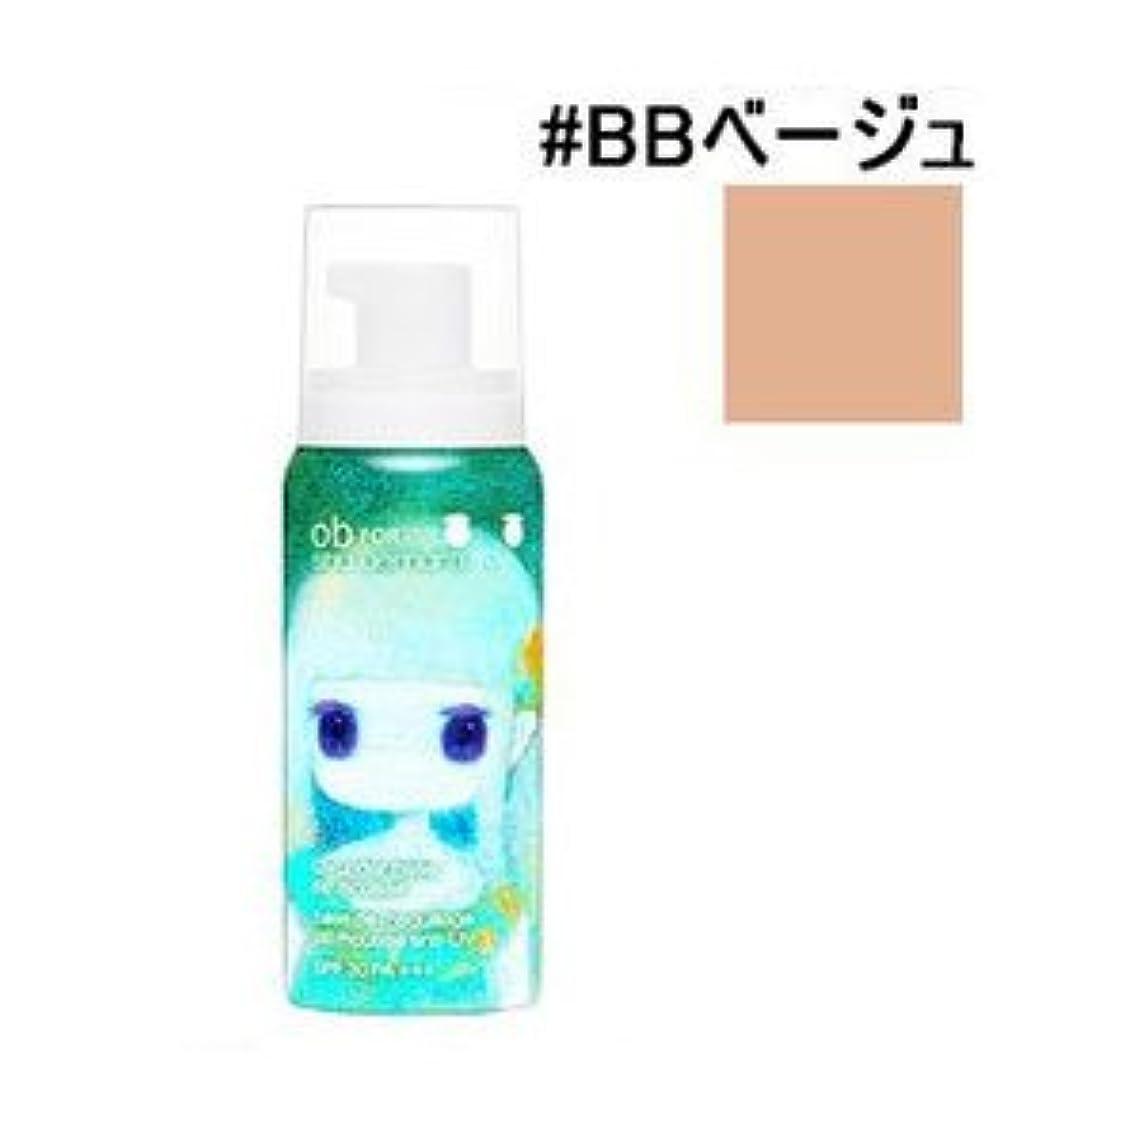 精査する薬を飲む規則性shu uemura シュウ ウエムラ<br>UV アンダー ベース ムース #BB beige<br>SPF 30 ? PA+++<br>65g [並行輸入品]